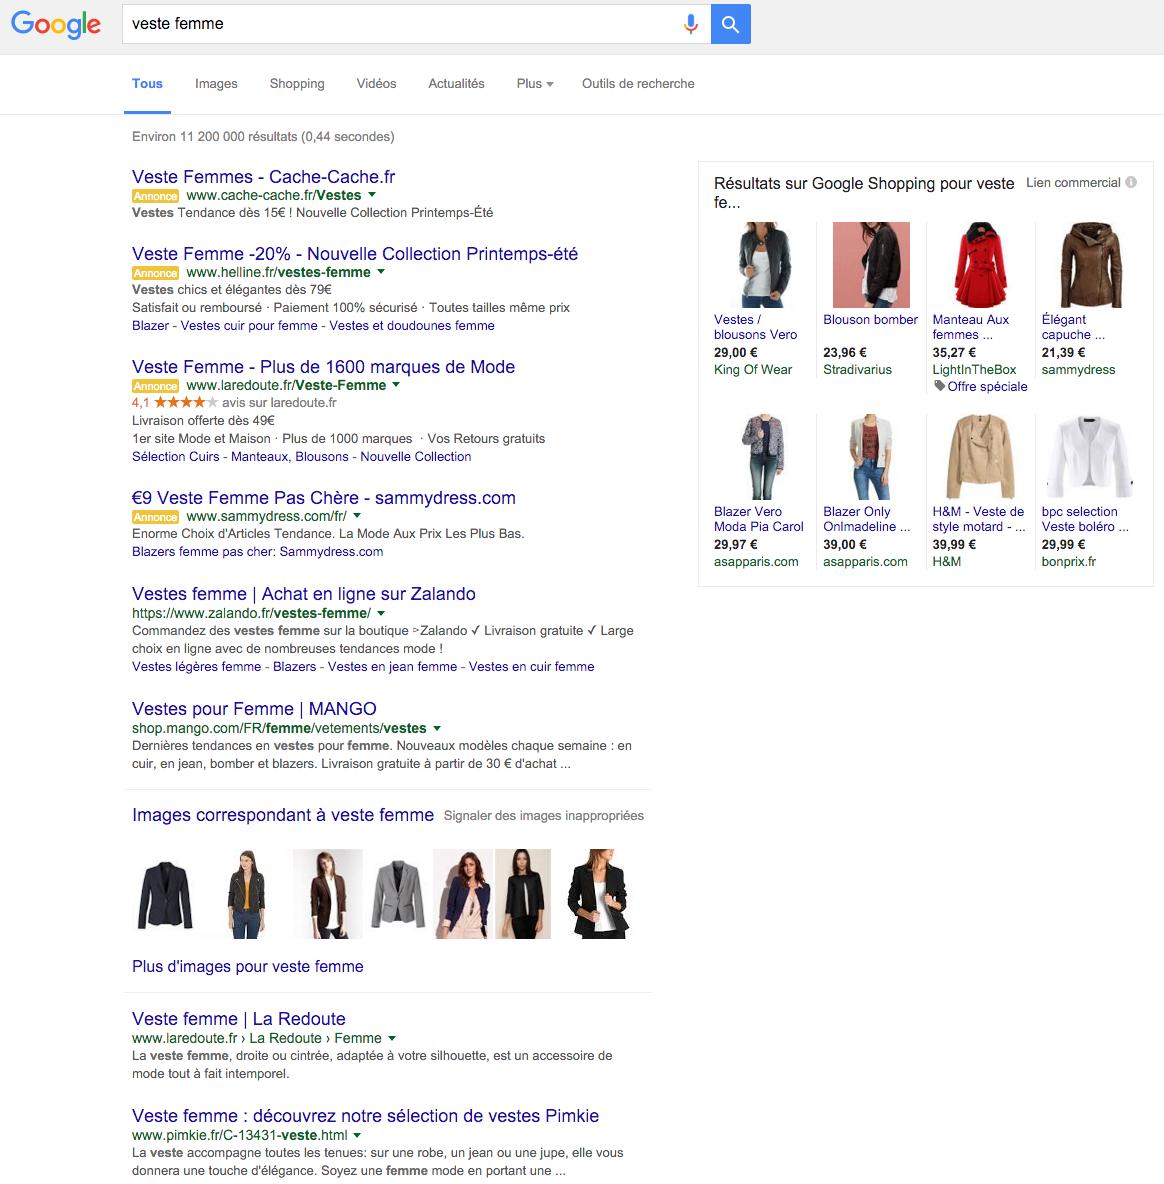 Trouver un veste femme dans google